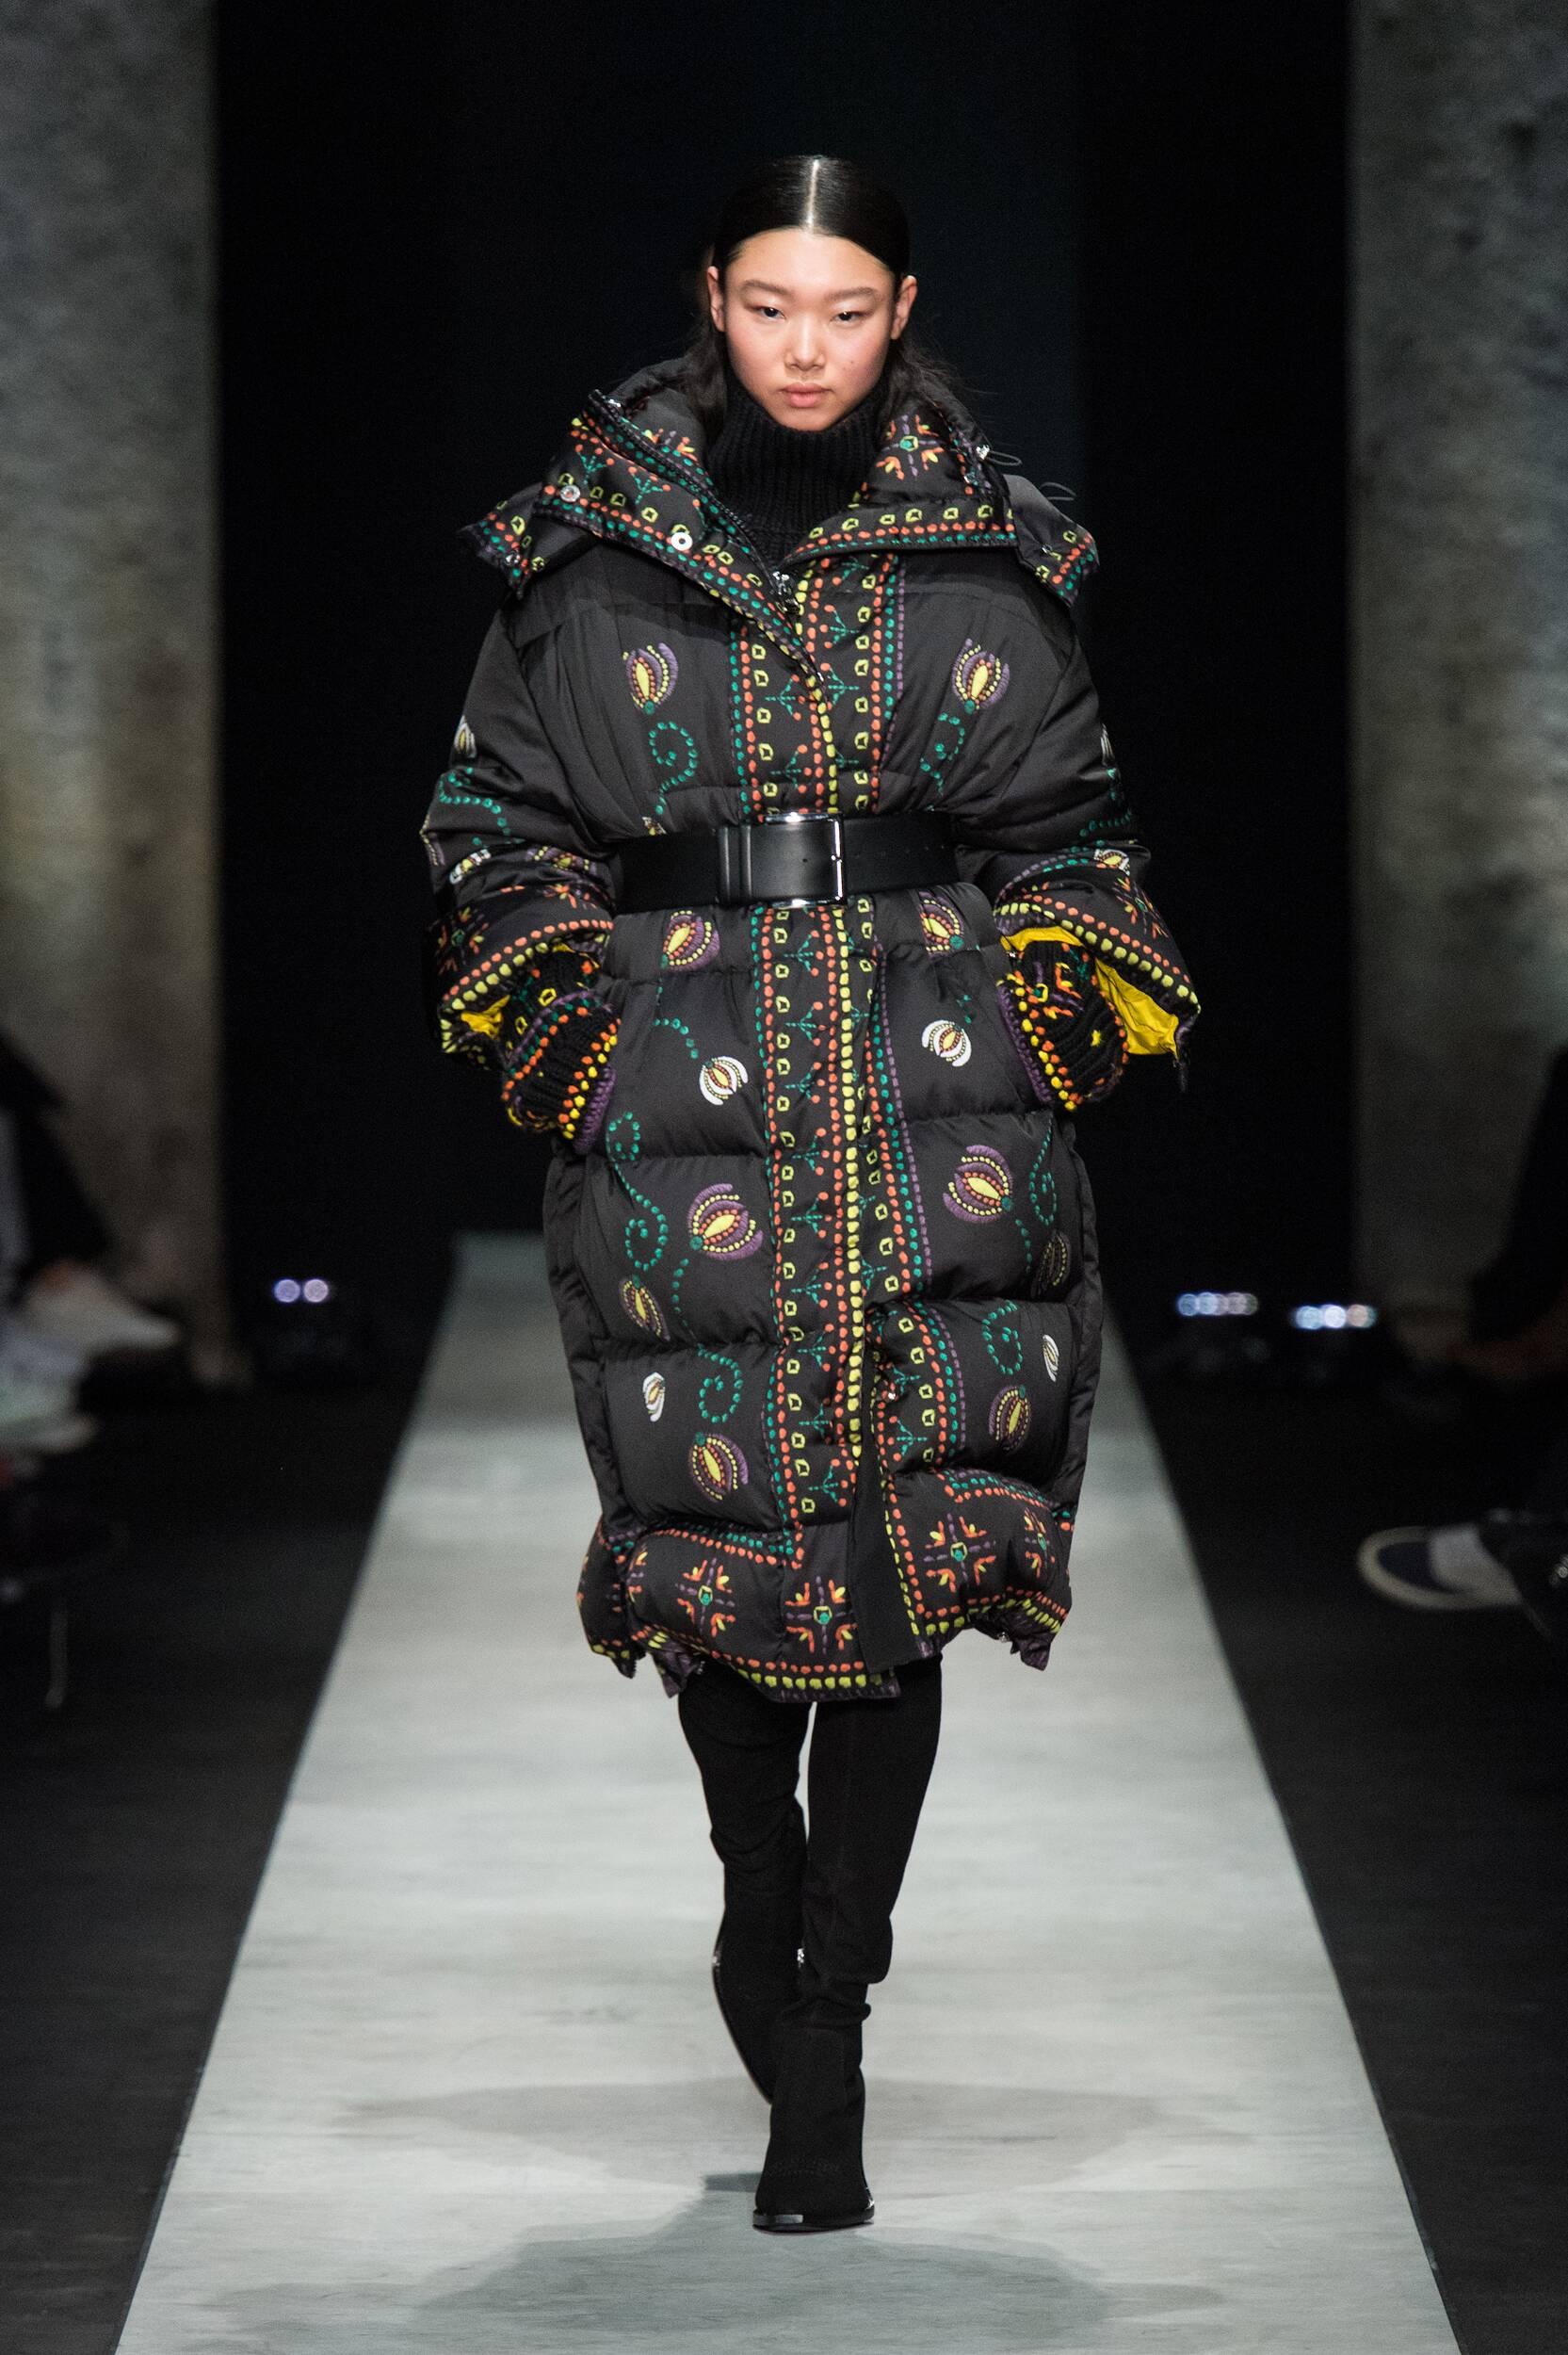 Catwalk Ermanno Scervino Woman Fashion Show Winter 2020